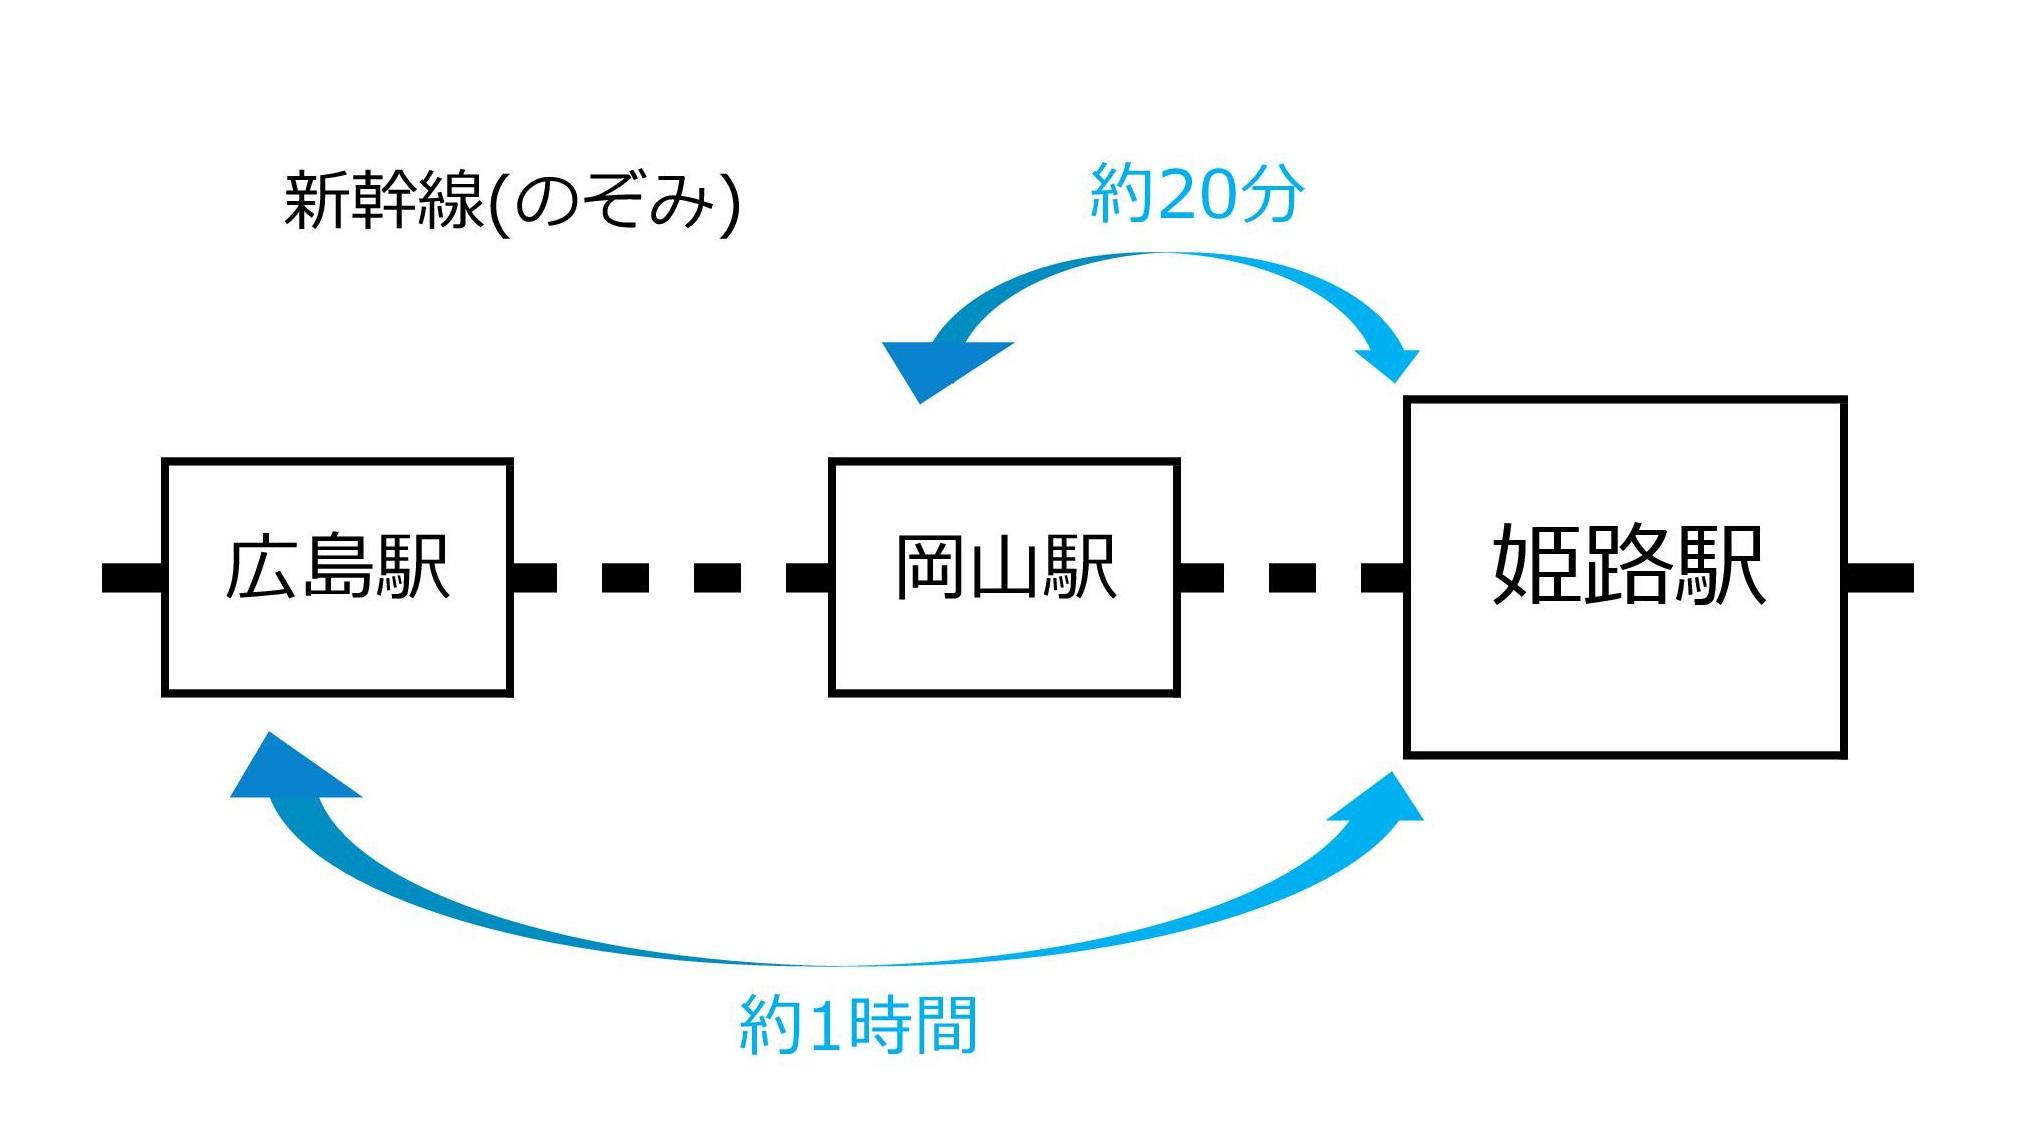 JR姫路駅から中国地方へのアクセス